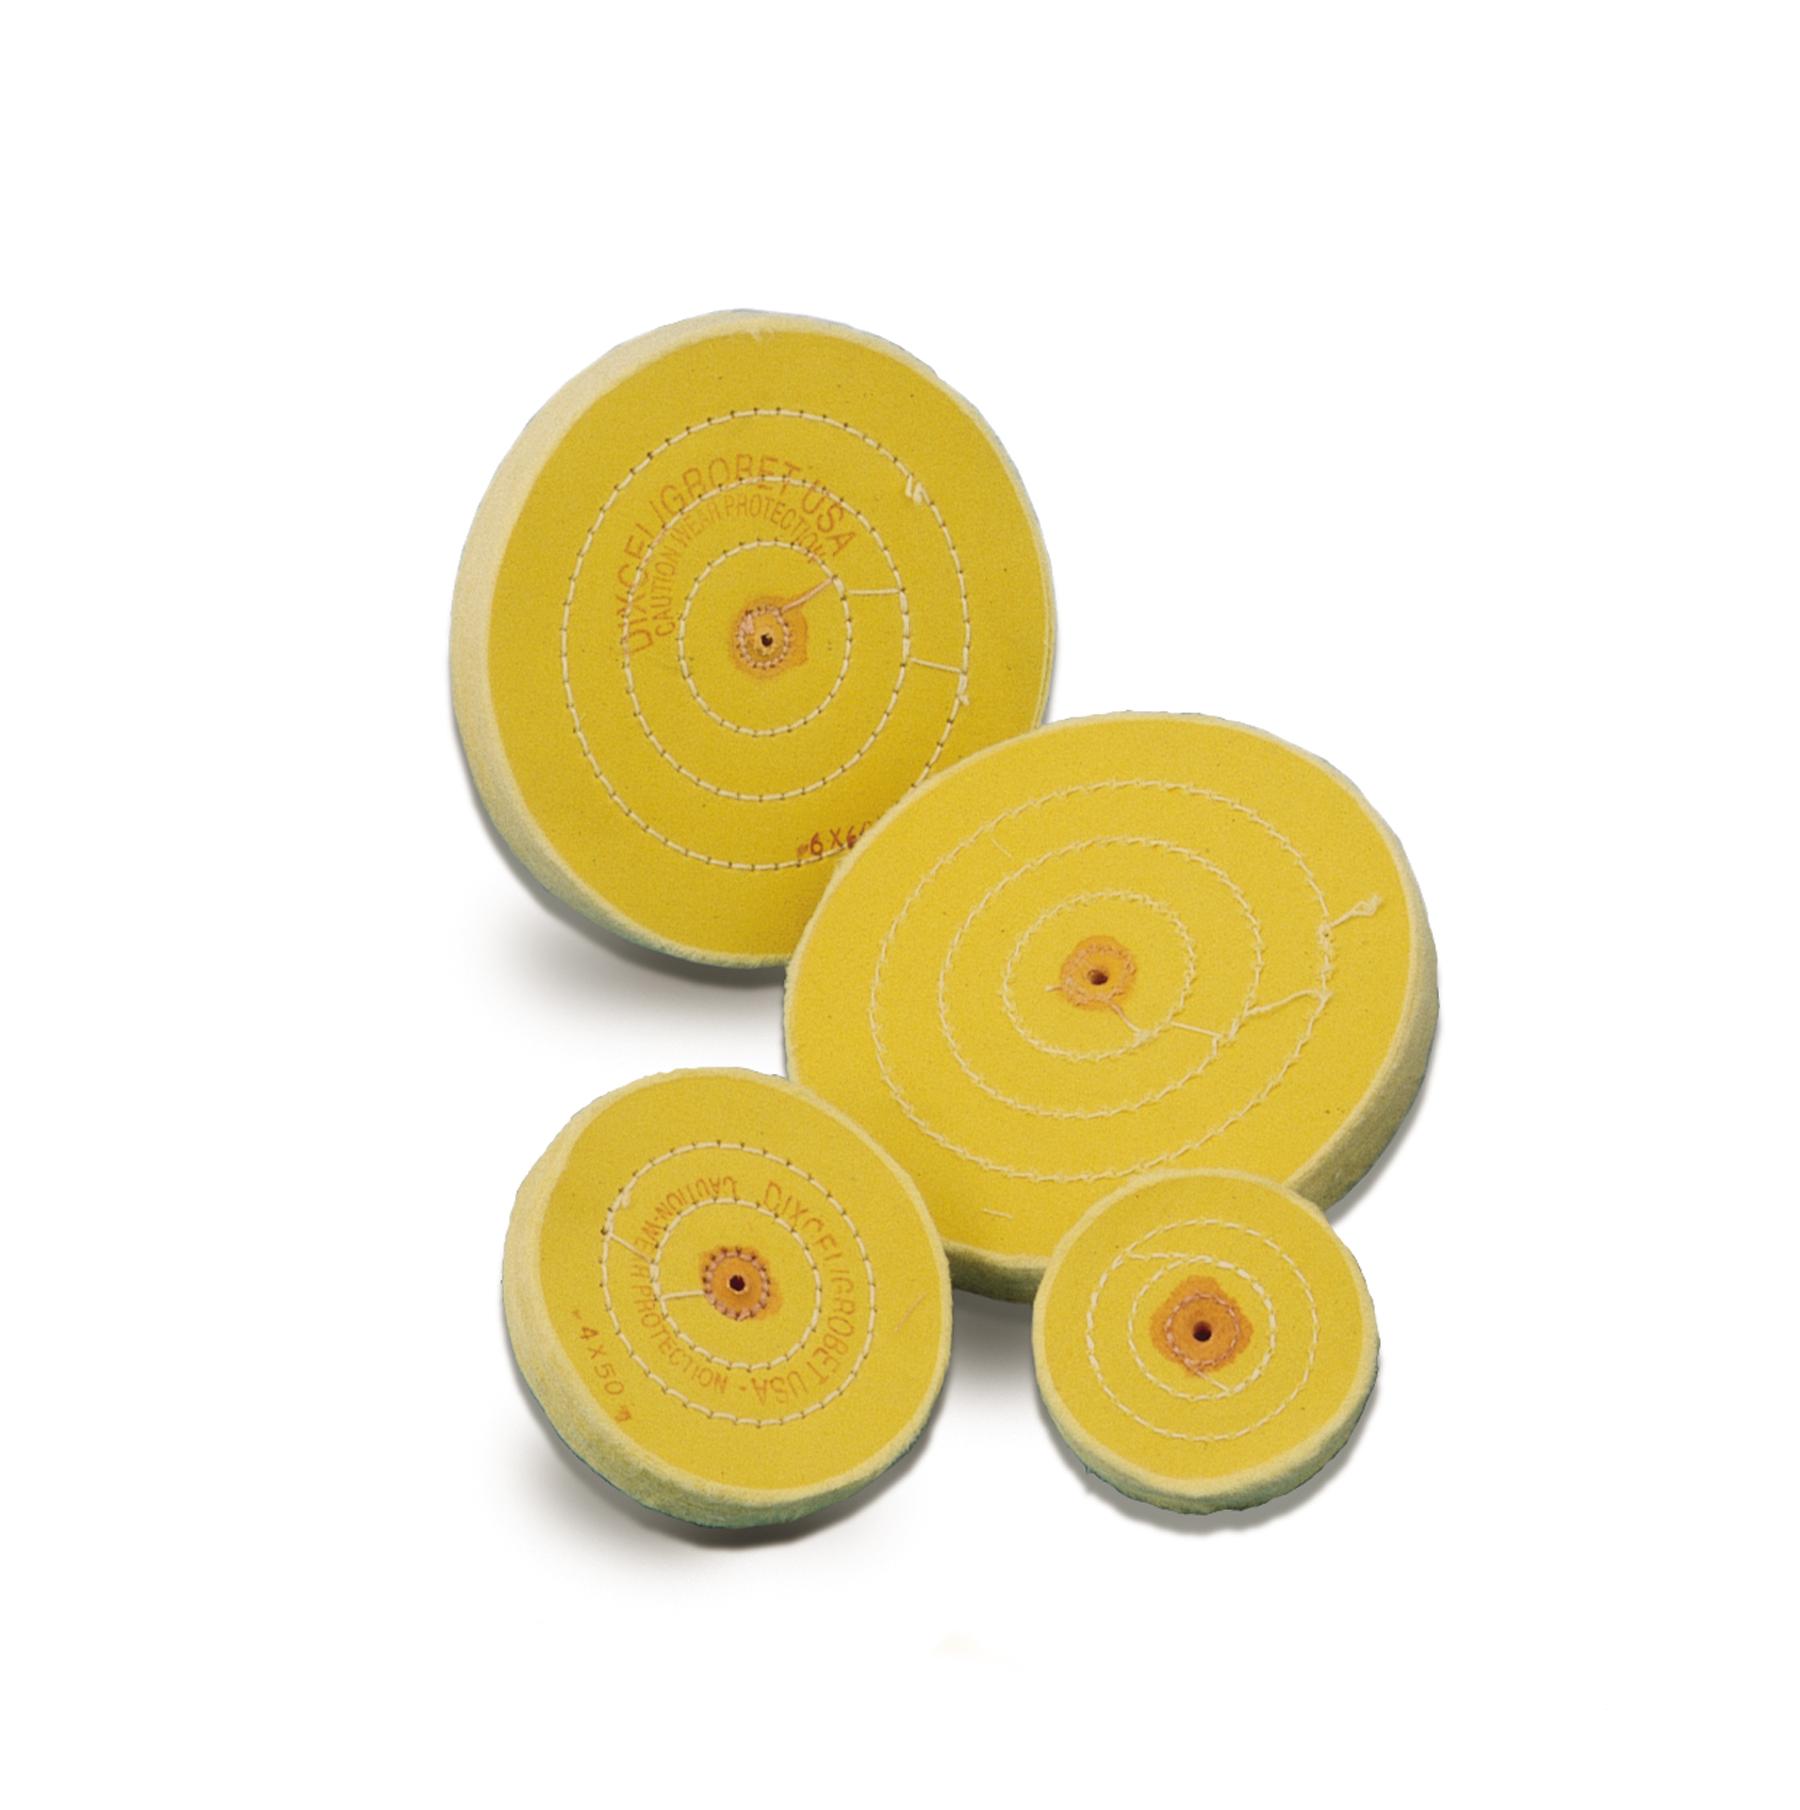 Yellow Chemkote Buff, Shellac Center, 5